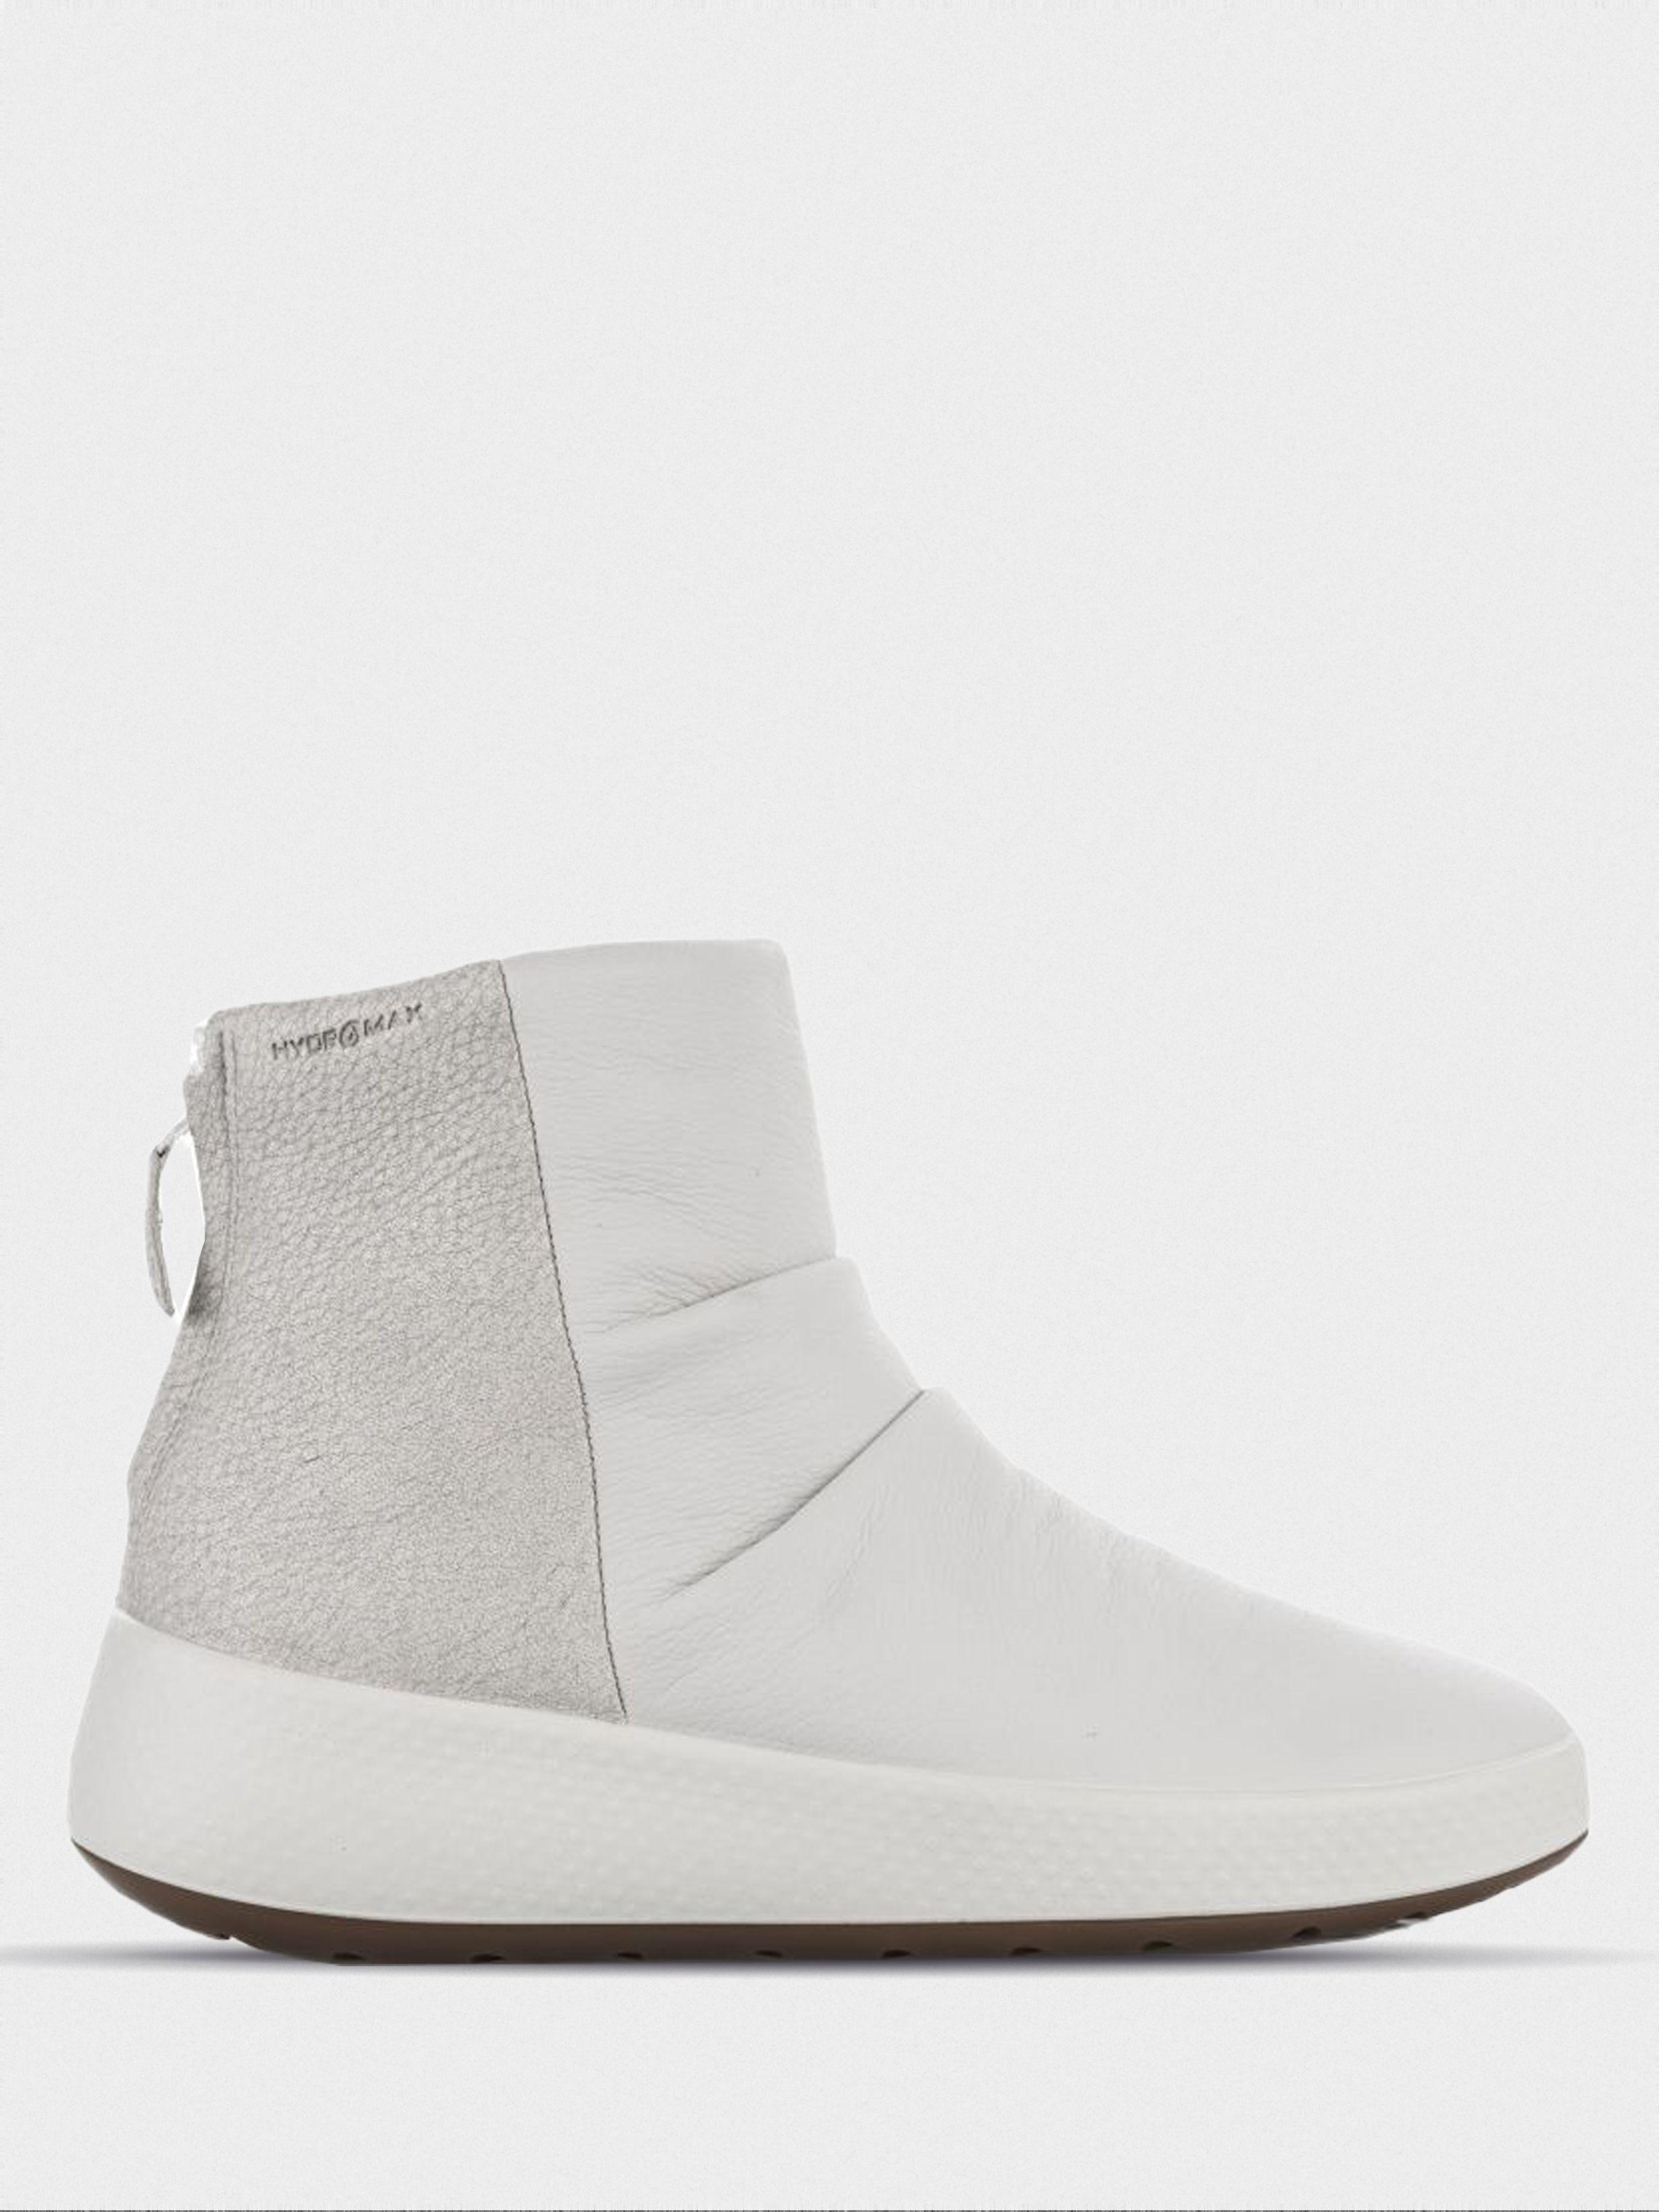 Купить Ботинки женские ECCO UKIUK ZW6081, Белый